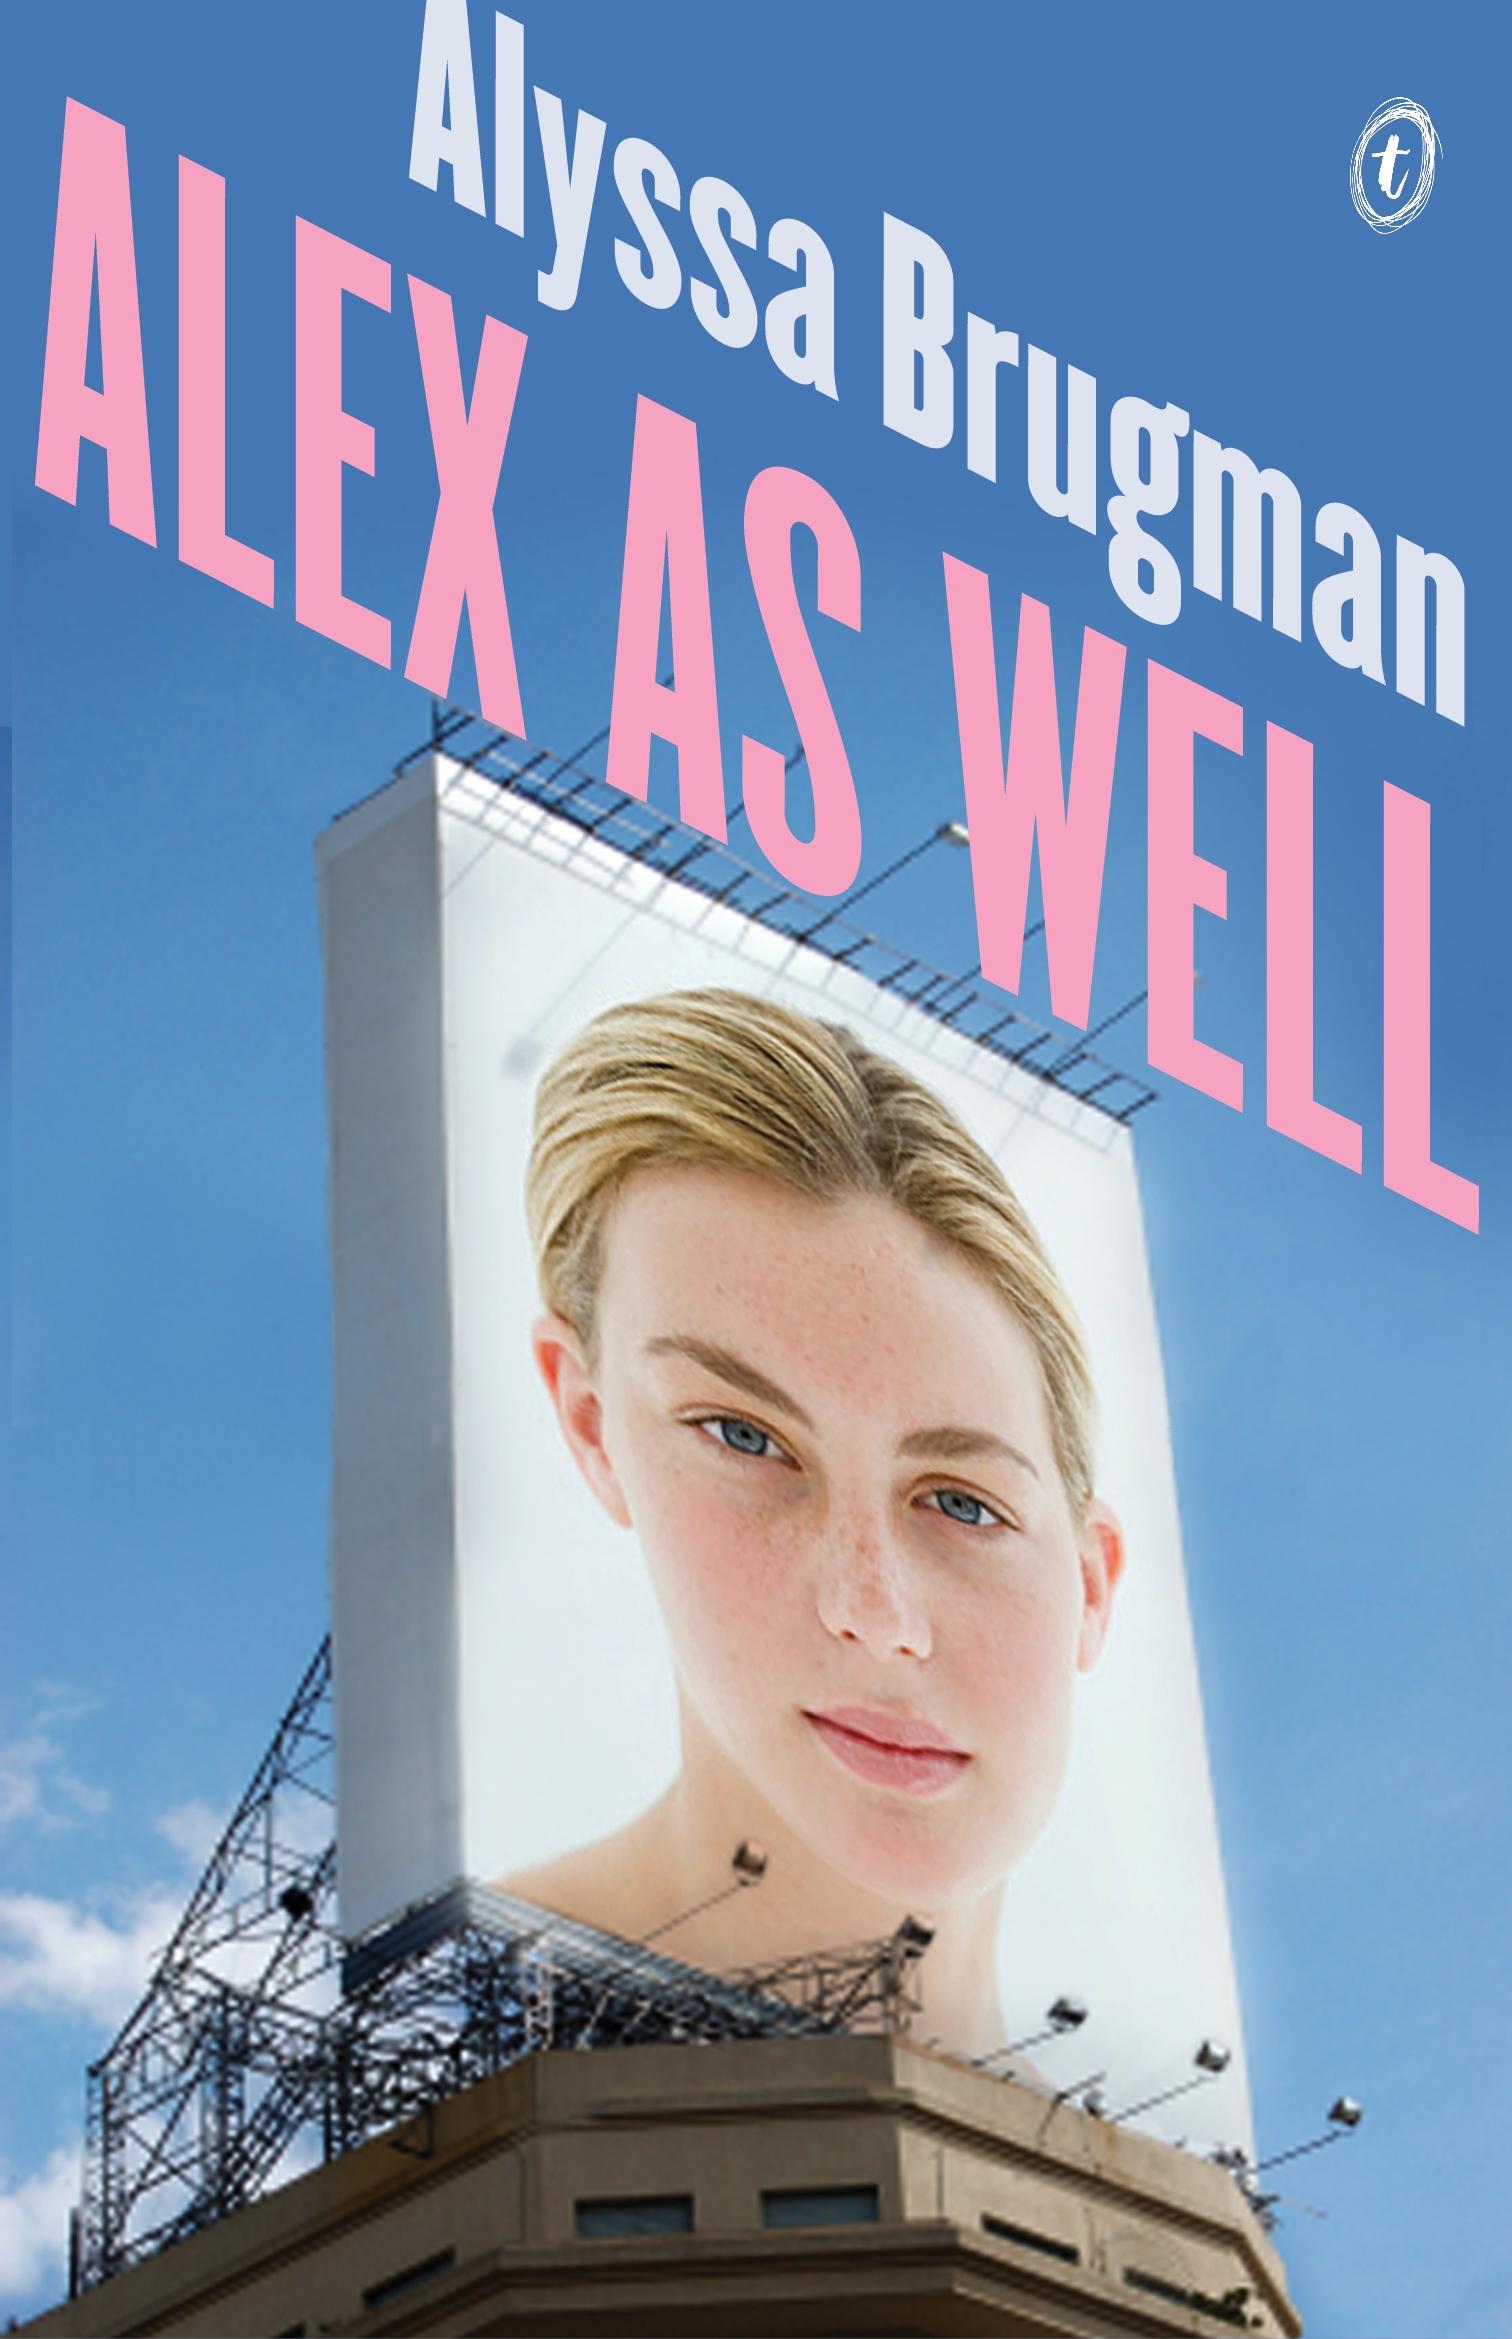 Alex As Well